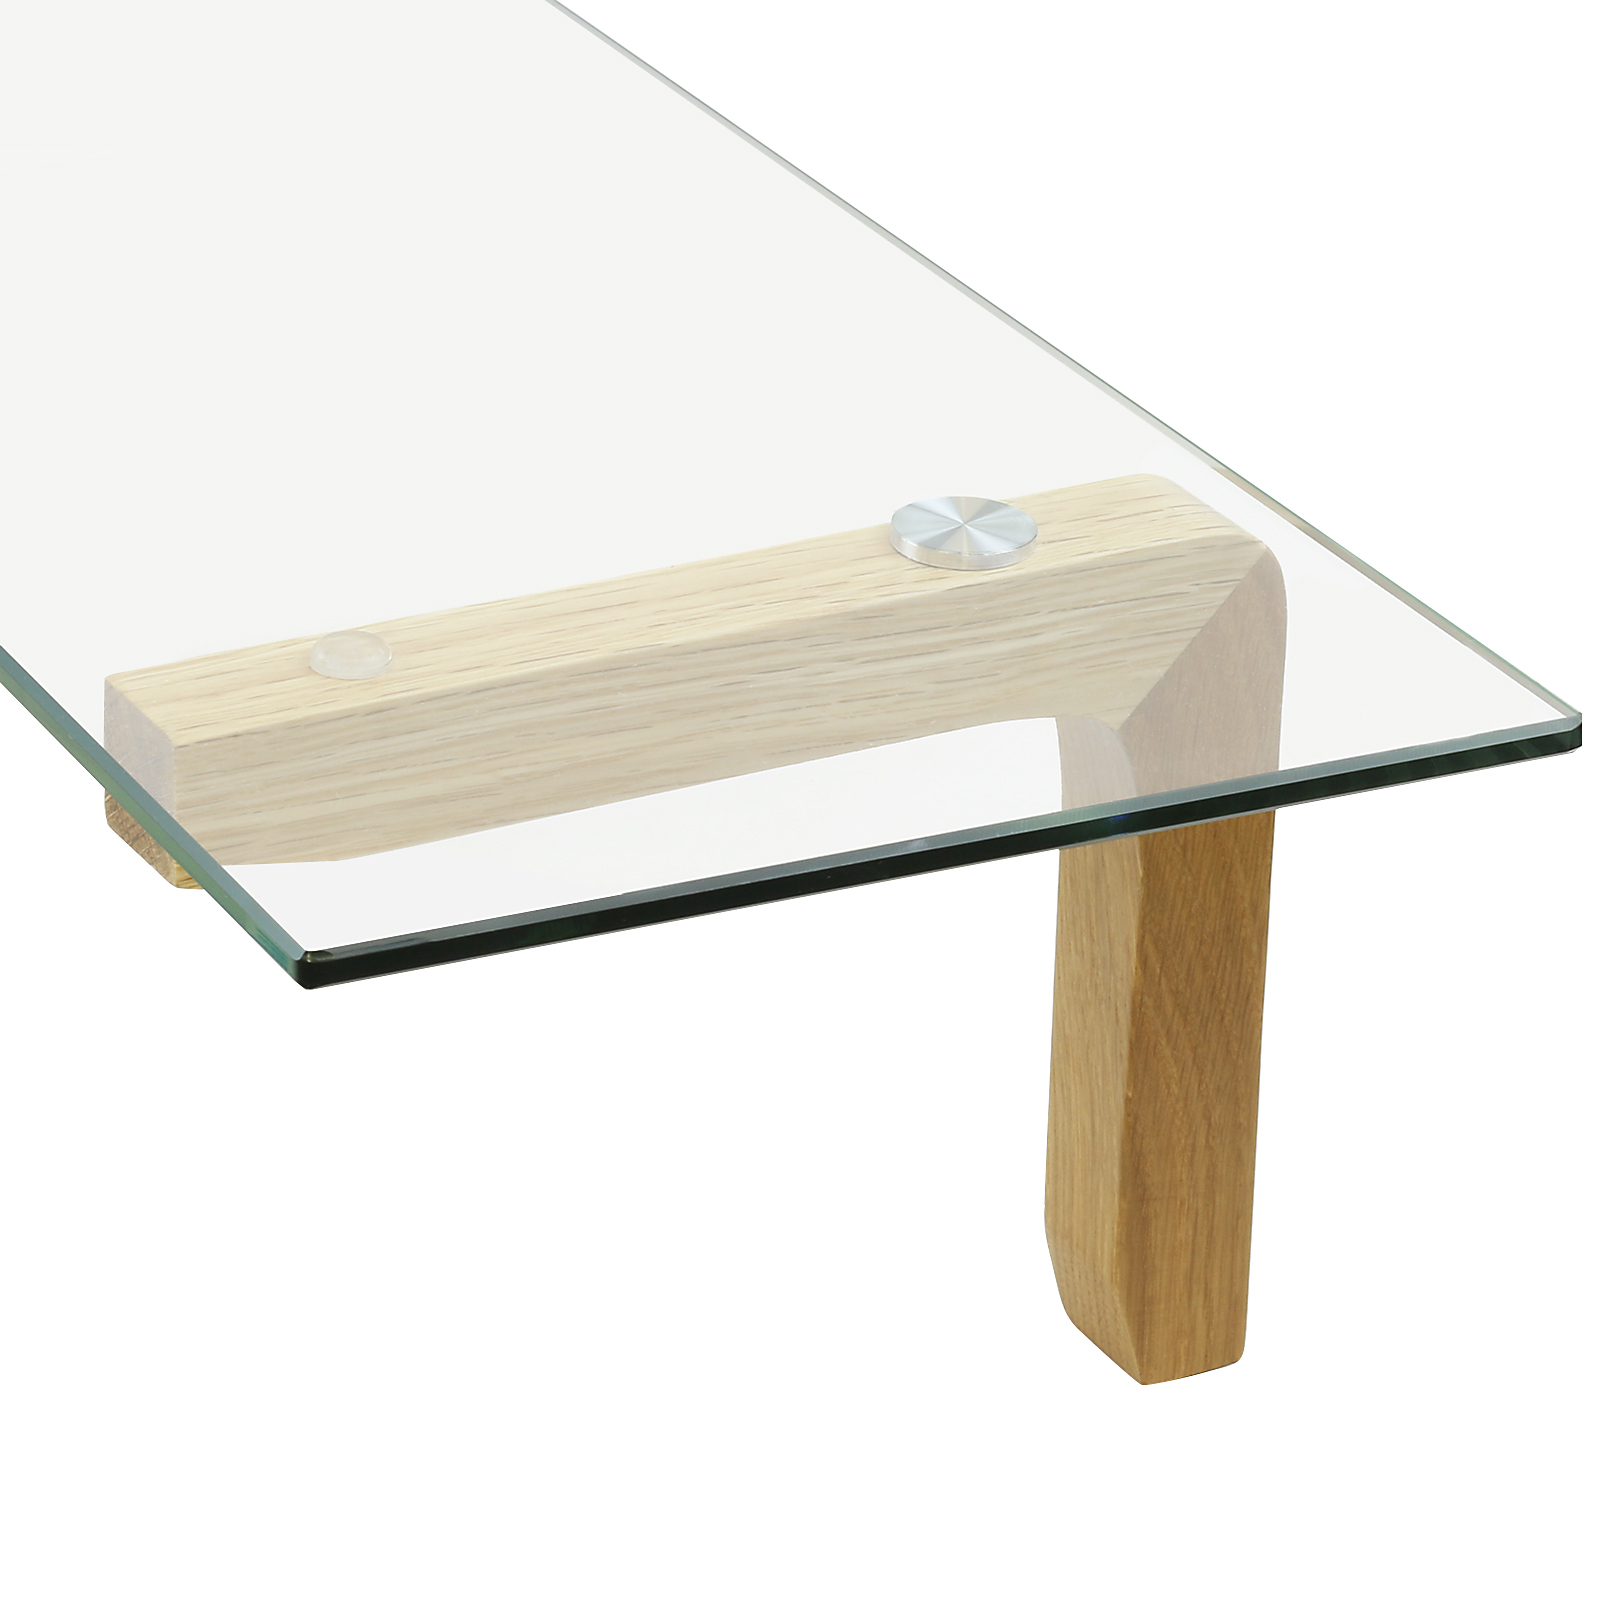 hartleys oak wood bracket clear glass floating wall shelf home display storage. Black Bedroom Furniture Sets. Home Design Ideas